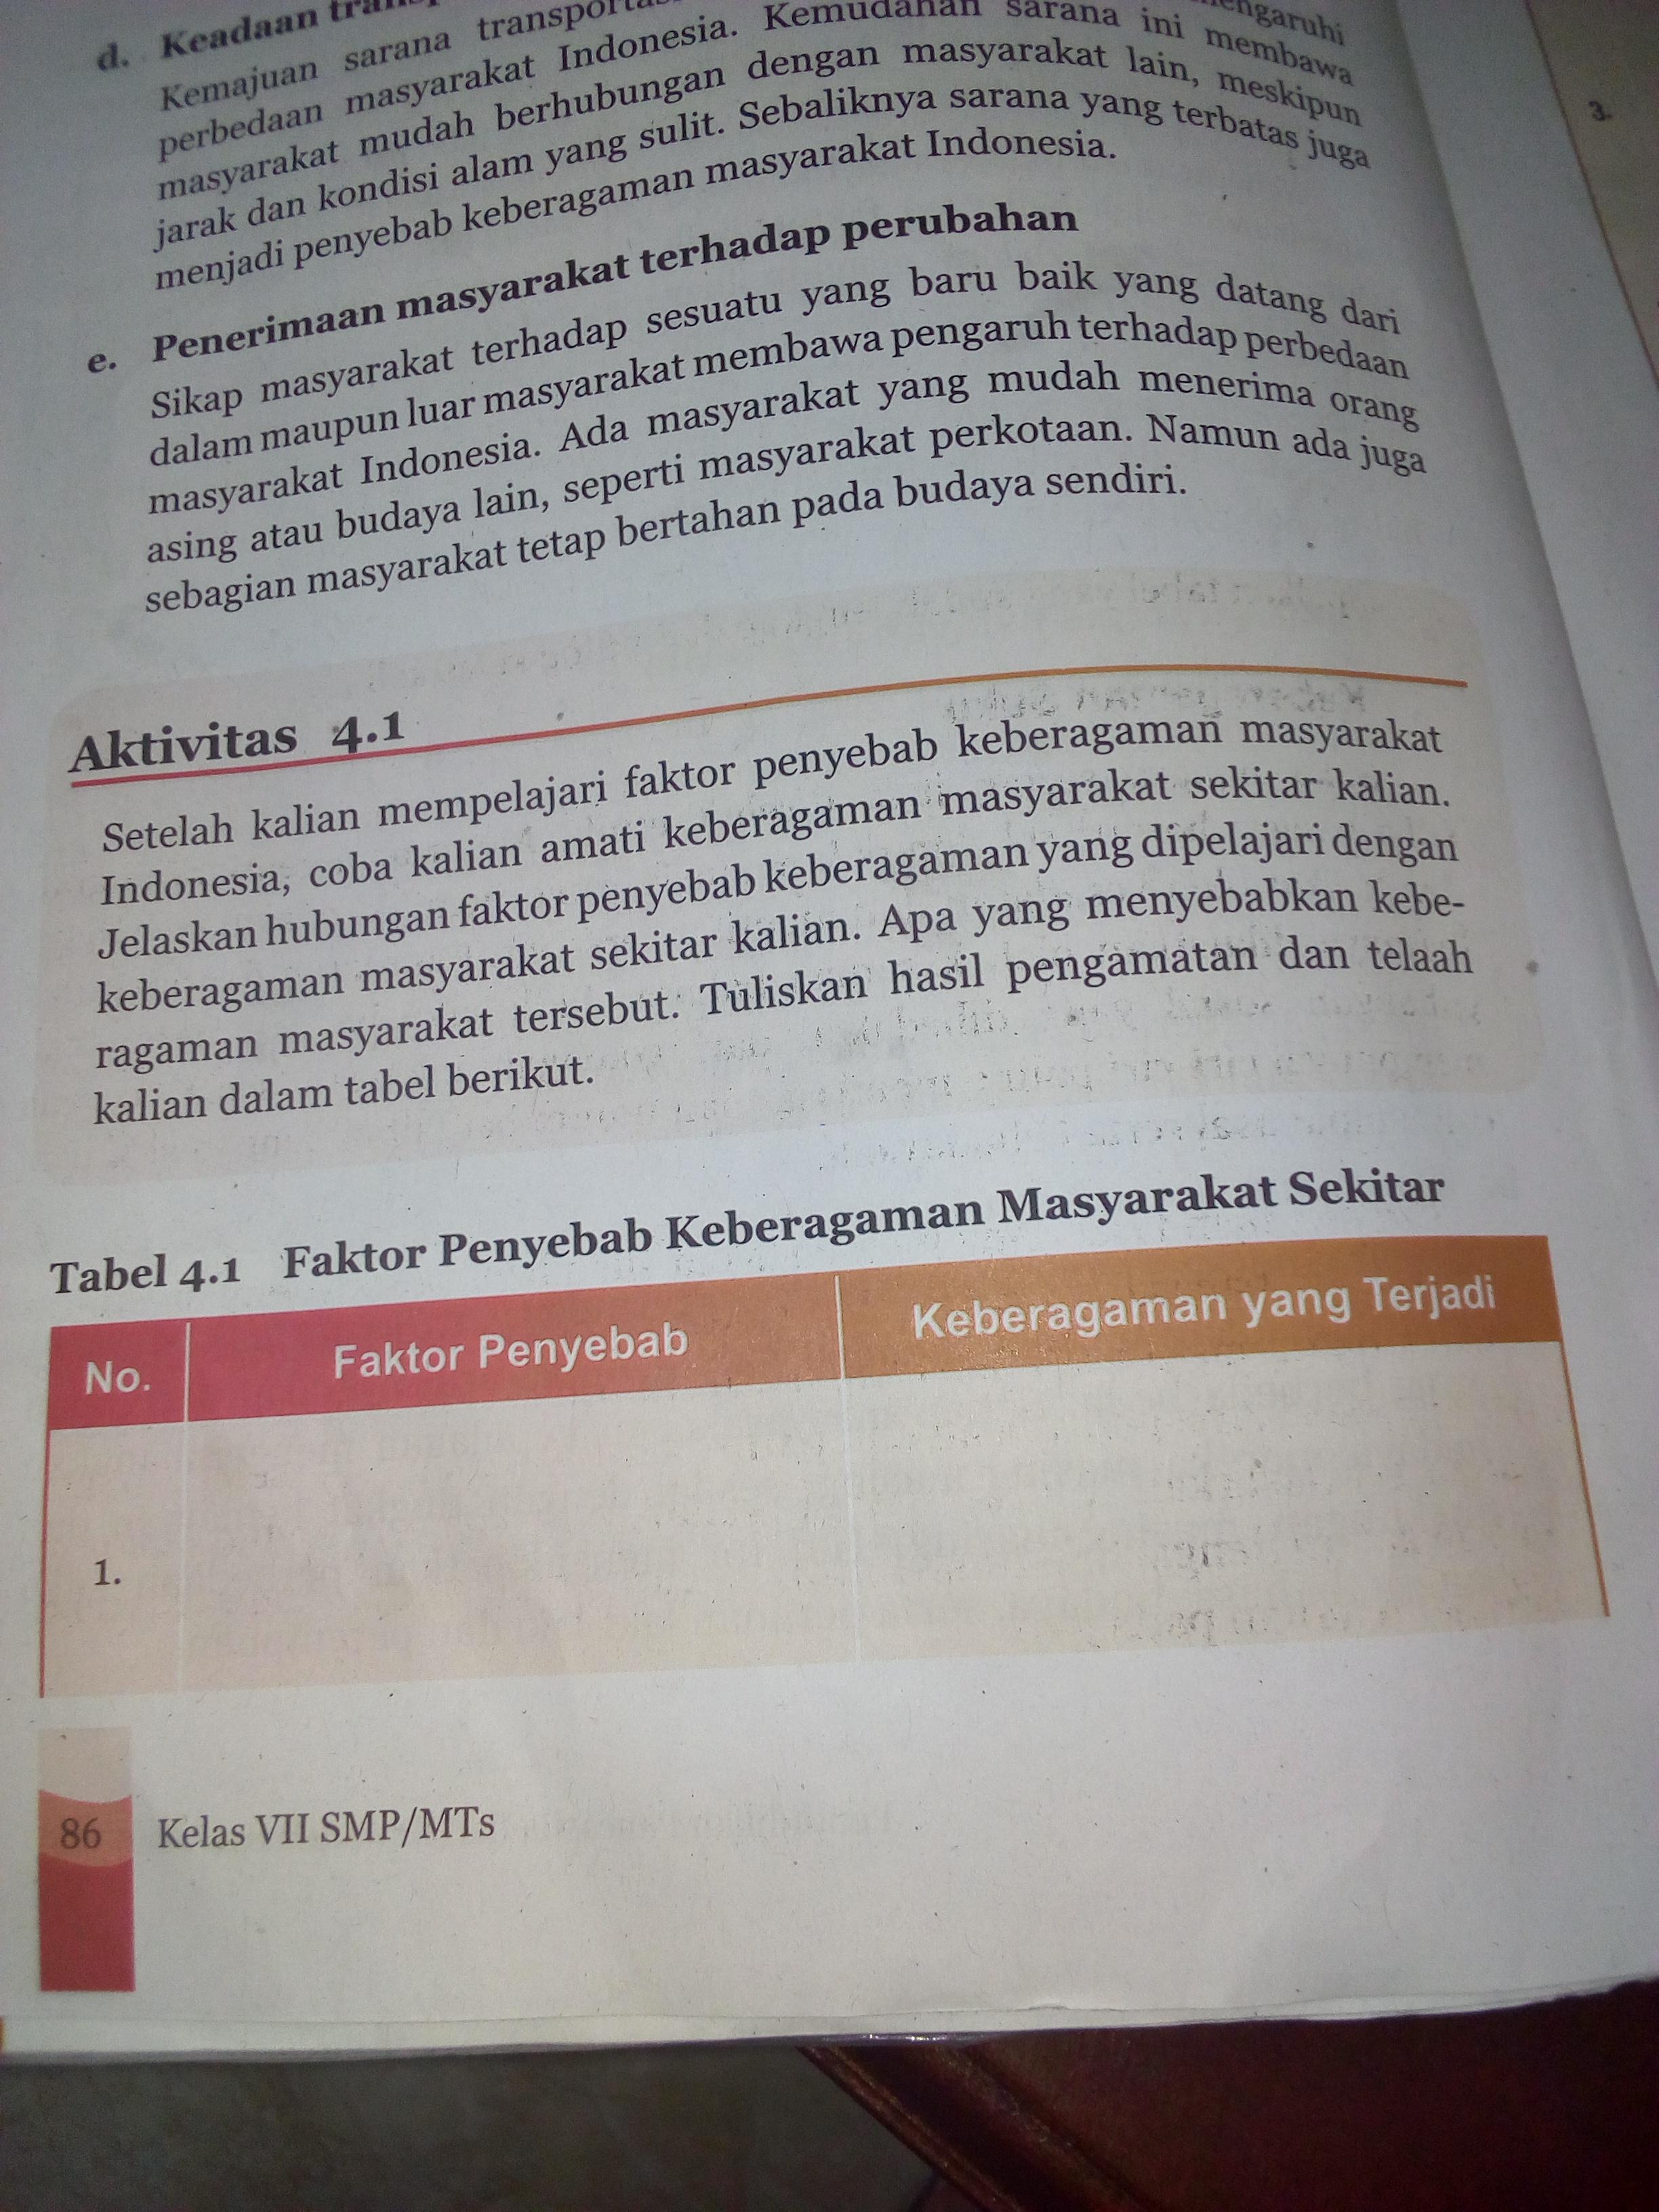 Sebutkan Beberapa Faktor Yang Menyebabkan : sebutkan, beberapa, faktor, menyebabkan, Sebutkan, Faktor, Penyebab, Keberagaman, Masyarakat, Indonesia, Brainly